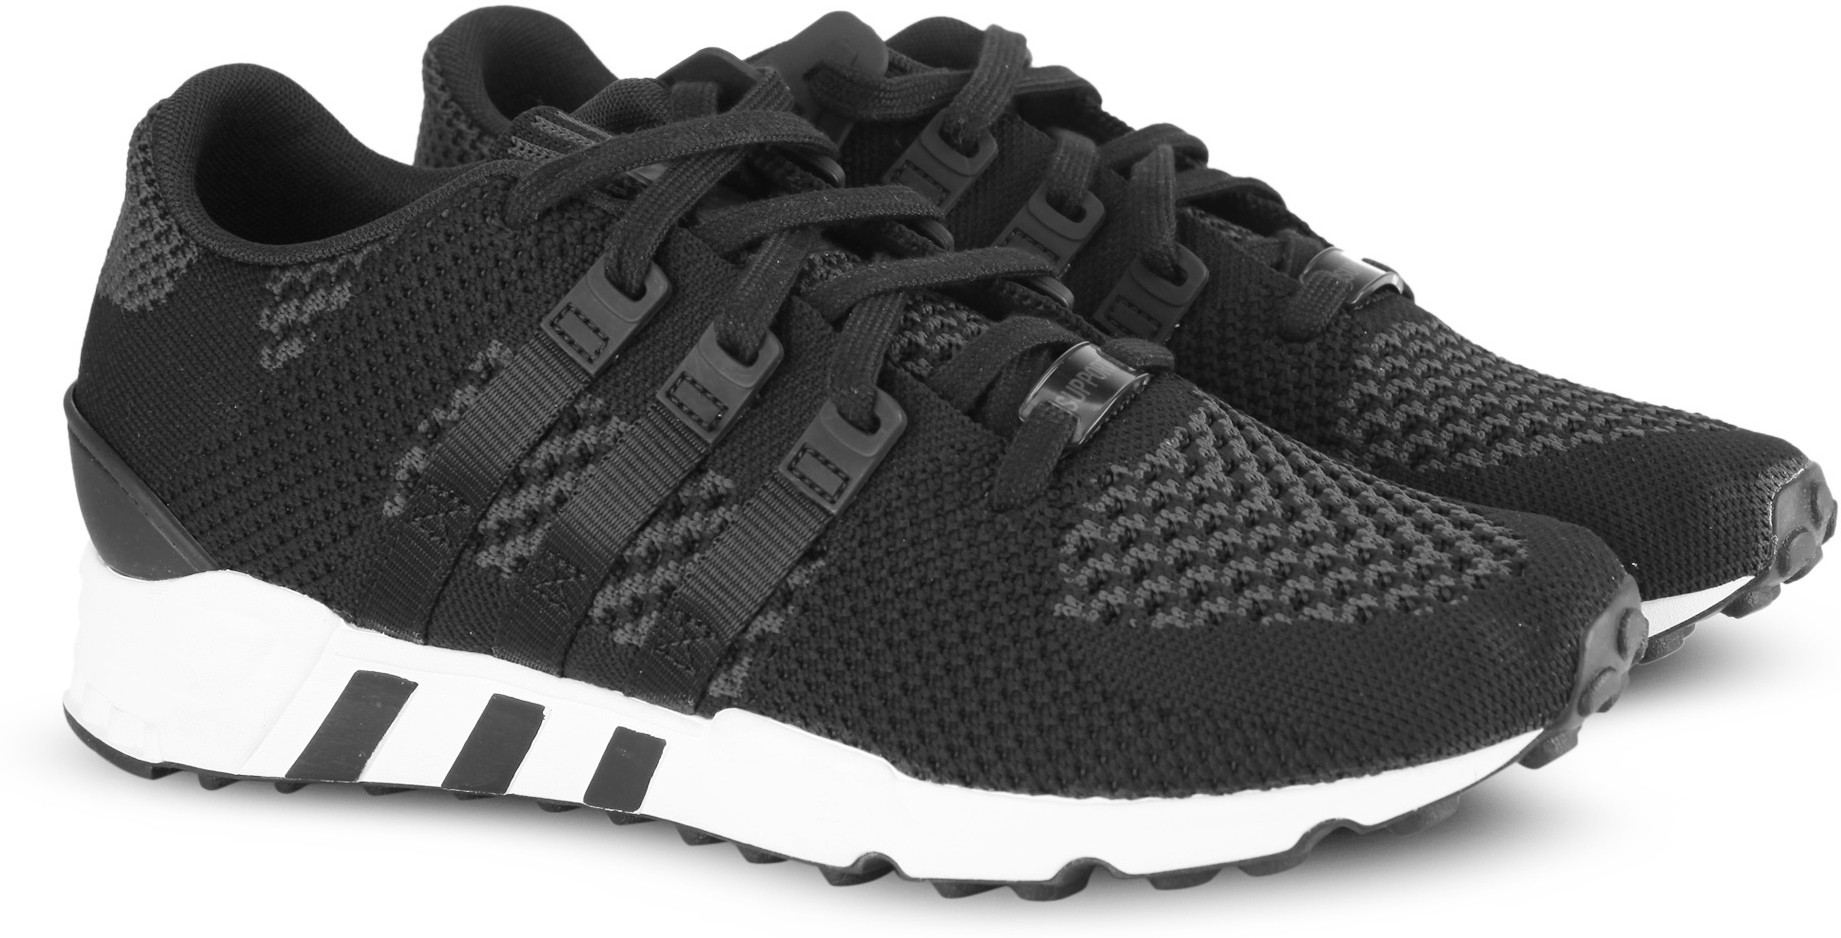 Adidas Originals Eqt Support Rf Pk Sneakers For Men Black Blush